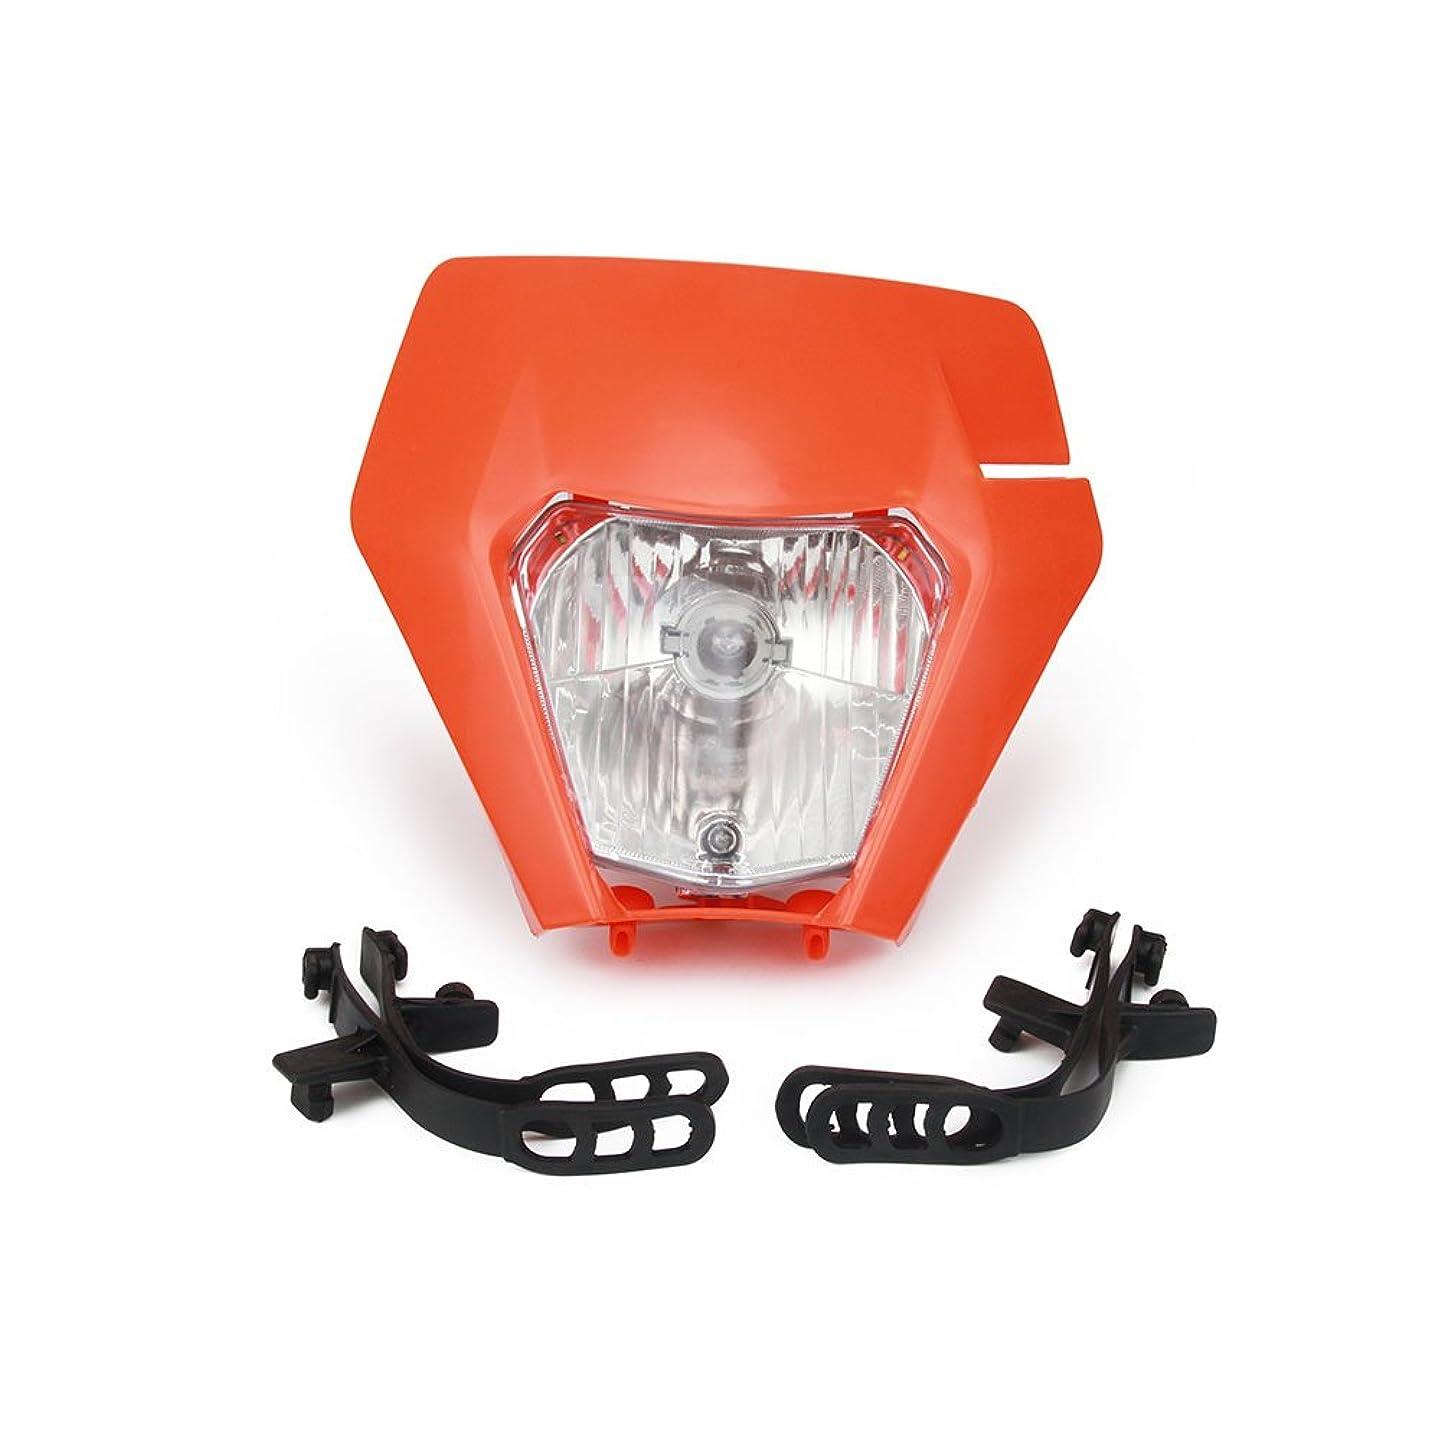 Motorcycle 2017 Universal Plastic Headlight Headlamp Frontlight For KTM EXC SXS SX EXC XC XCF XCW XCFW SXF SMR MX EGS 50-525 (Orange)